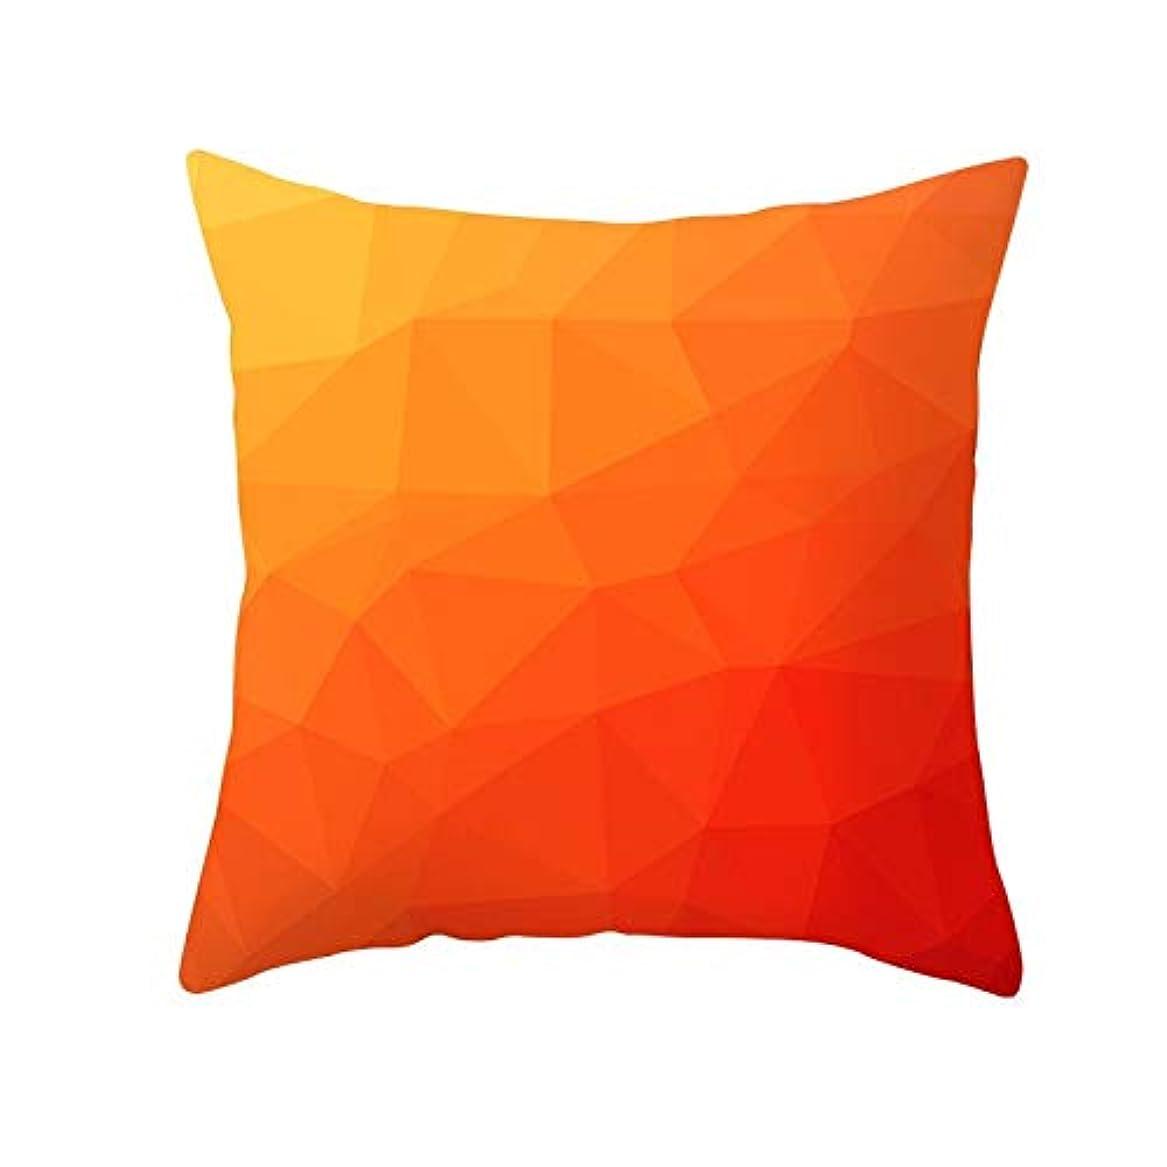 親愛な対人文房具LIFE 装飾クッションソファ 幾何学プリントポリエステル正方形の枕ソファスロークッション家の装飾 coussin デ長椅子 クッション 椅子